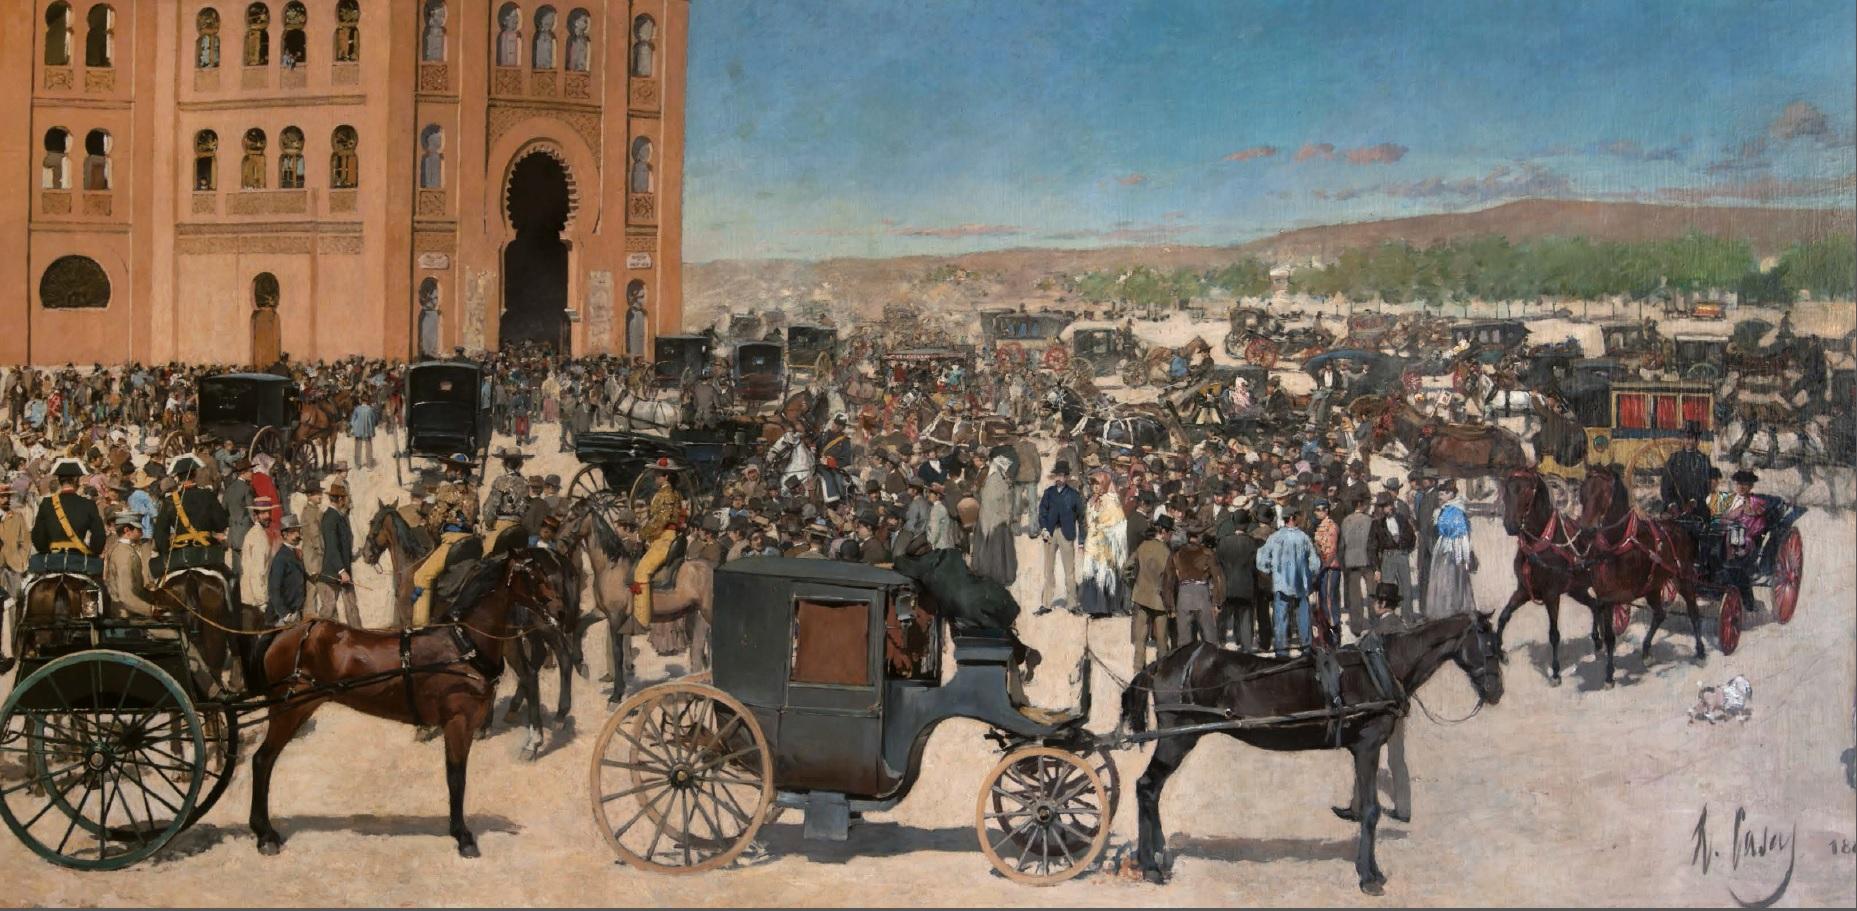 Entrada a la plaza de toros de Madrid, por Ramon Casas, 1885-86, óleo sobre tela, Fundació Vila Casas.